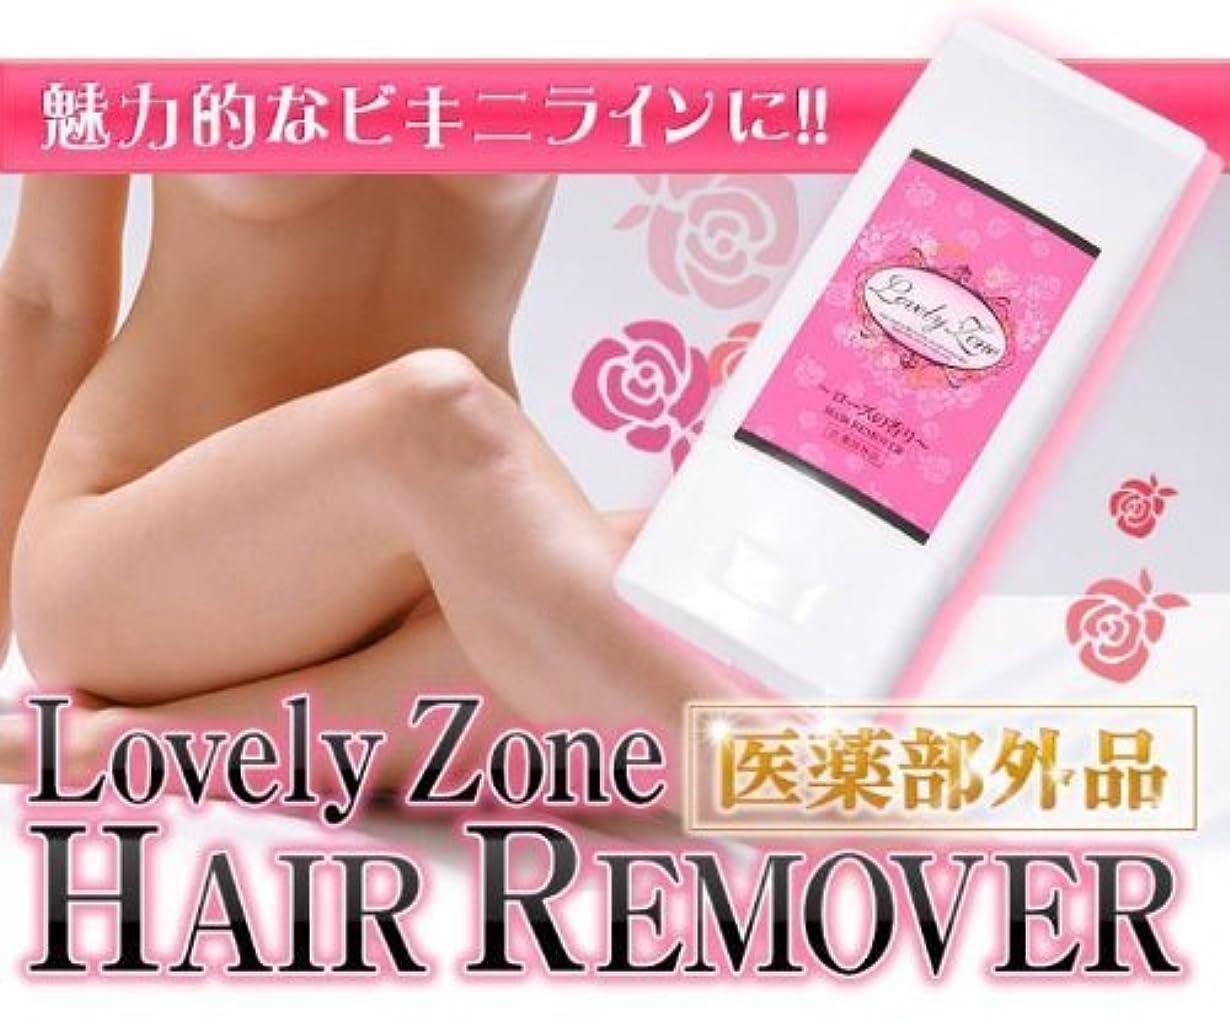 宿素晴らしいです対応するLovely Zone HAIR REMOVER ラブリーゾーン ヘアリムーバー 【 大人のセクシー系 除毛クリーム 】 悩める女性のための 除毛????